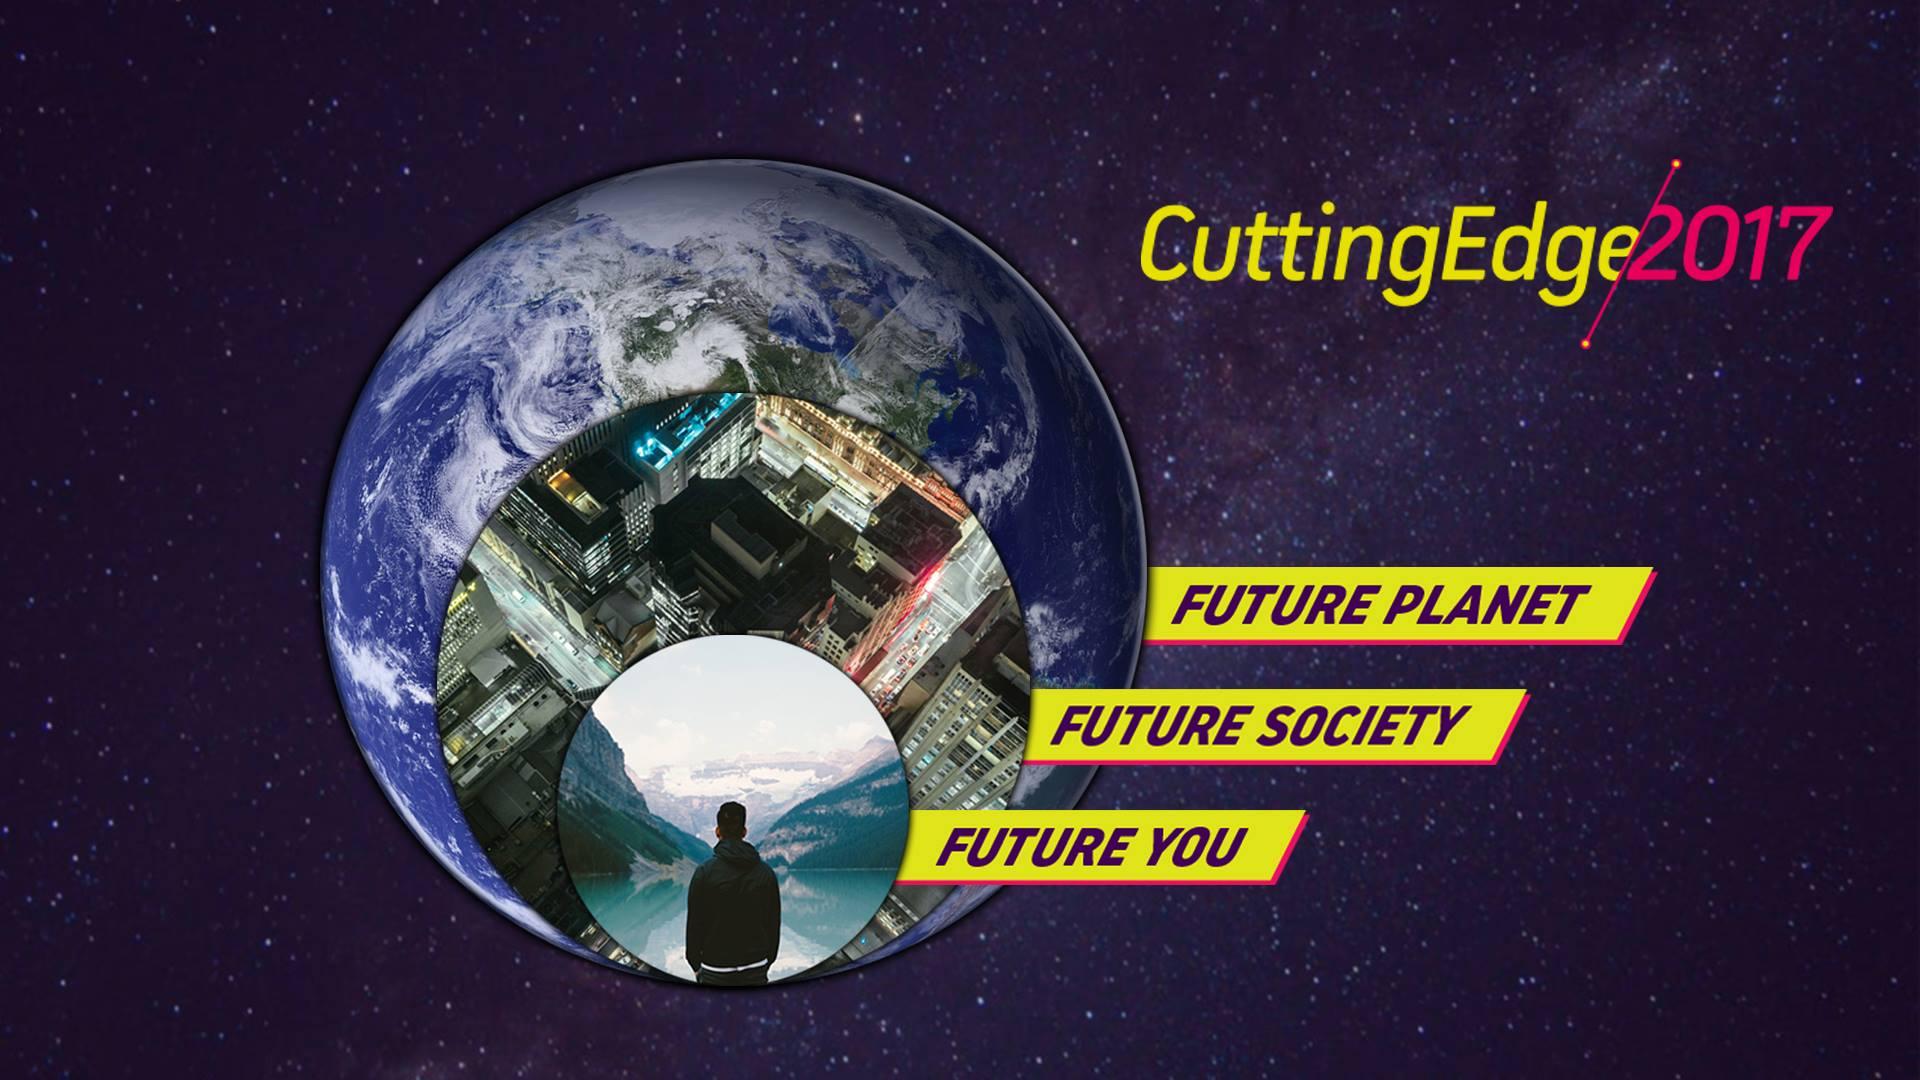 Romvirksomhet I Norge Et Tema På Cutting Edge Festivalen 26. September.